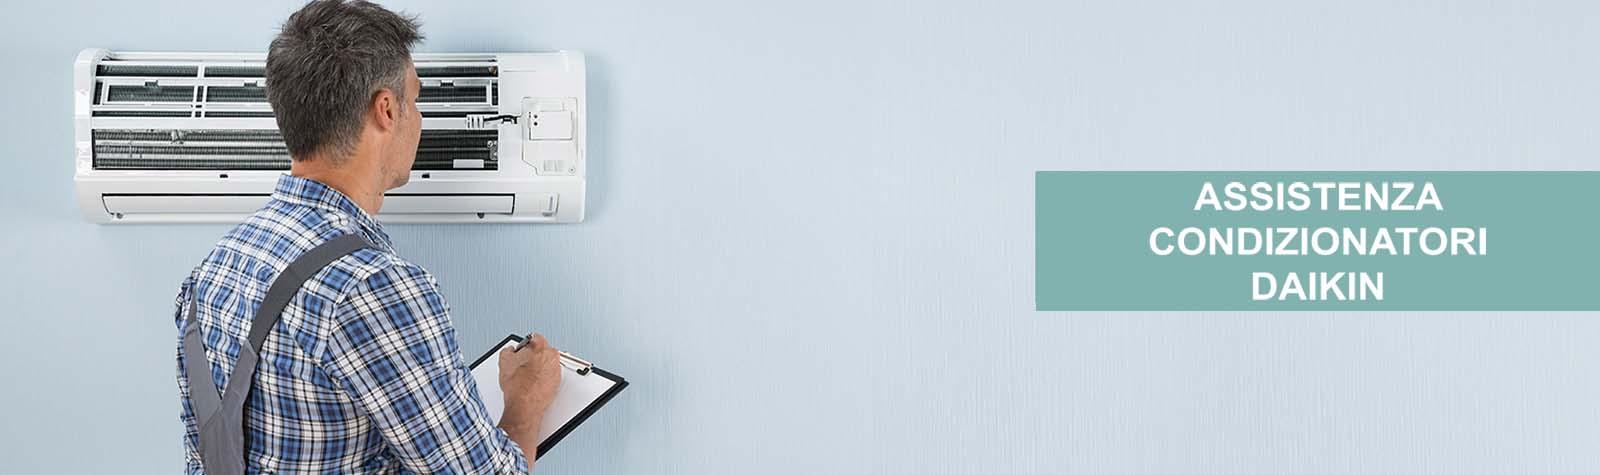 Assistenza Condizionatore Daikin Montespaccato - Contattaci per un preventivo